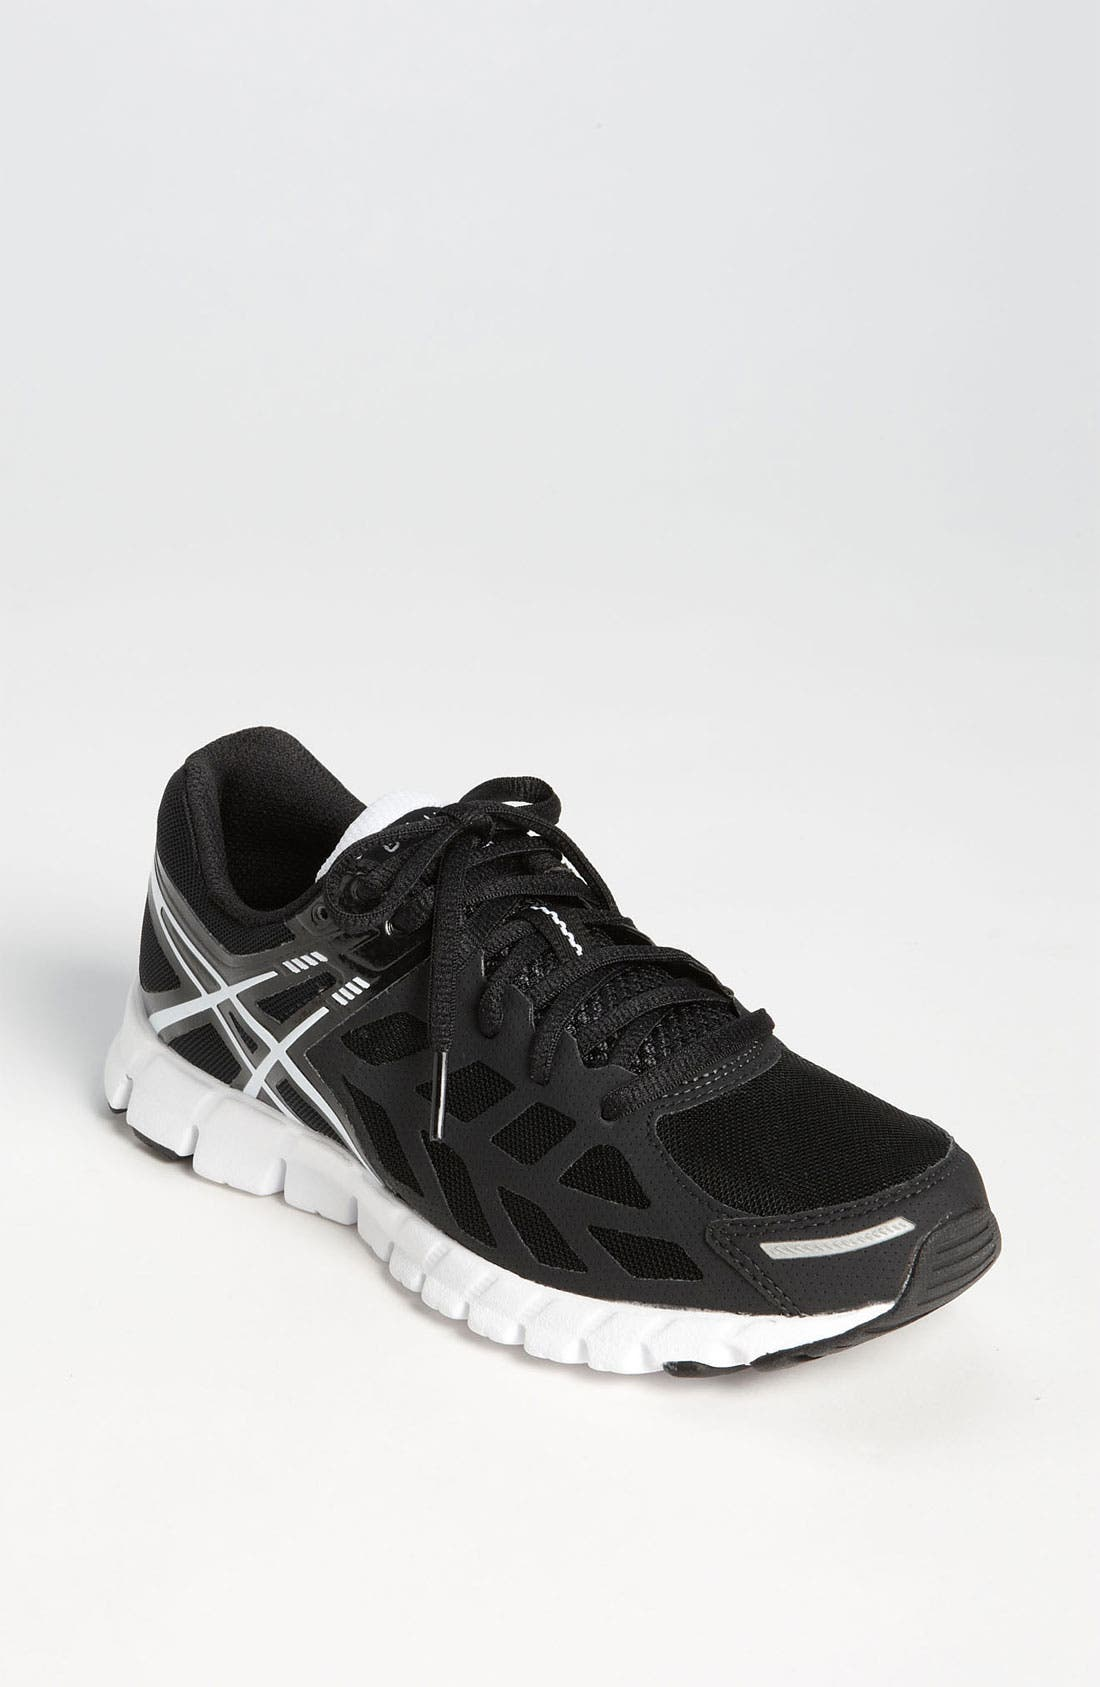 Alternate Image 1 Selected - ASICS® 'GEL-Lyte 33' Running Shoe (Women)